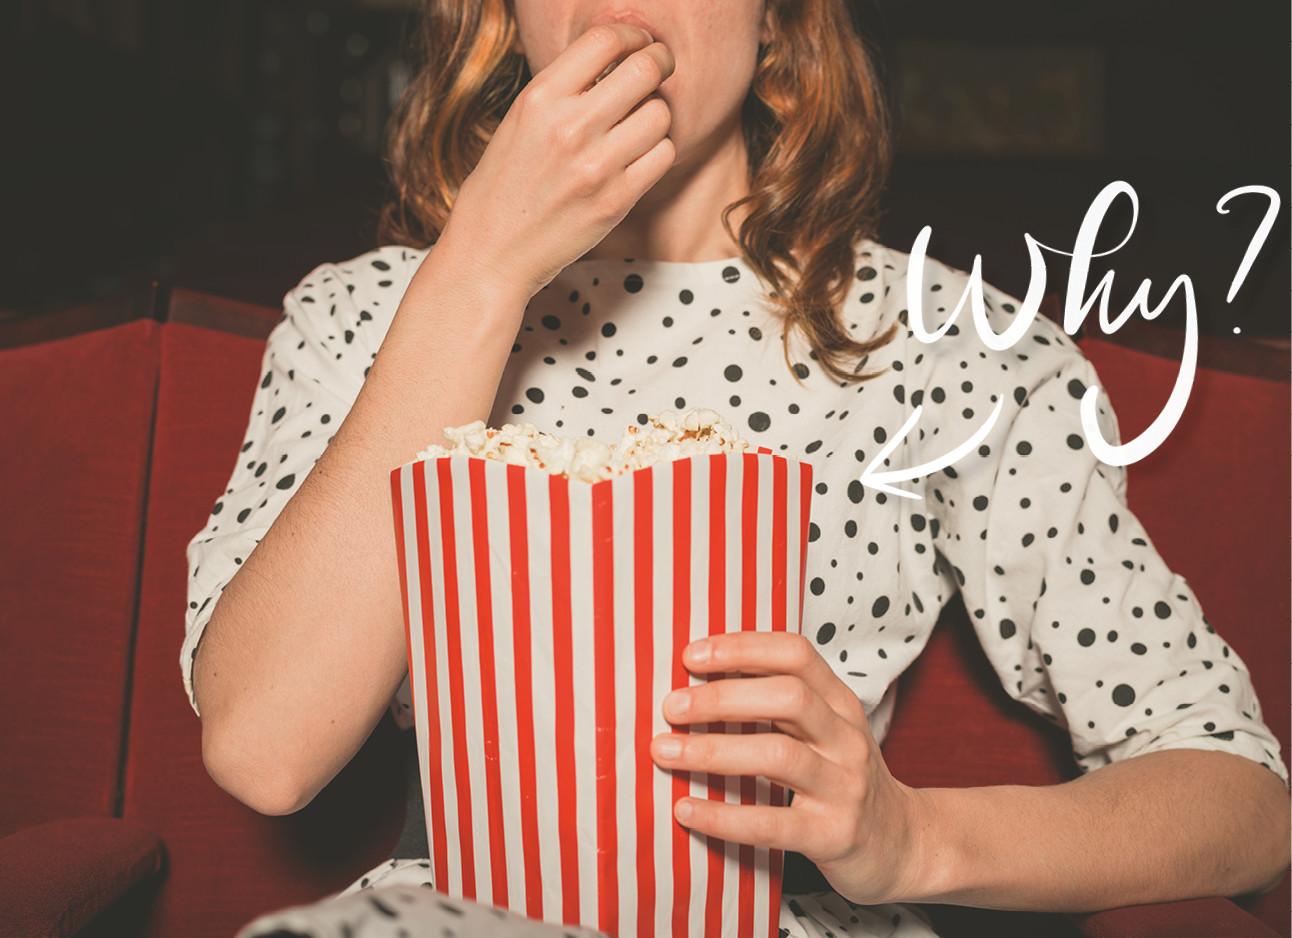 vrouw die popcorn eet in de bioscoop